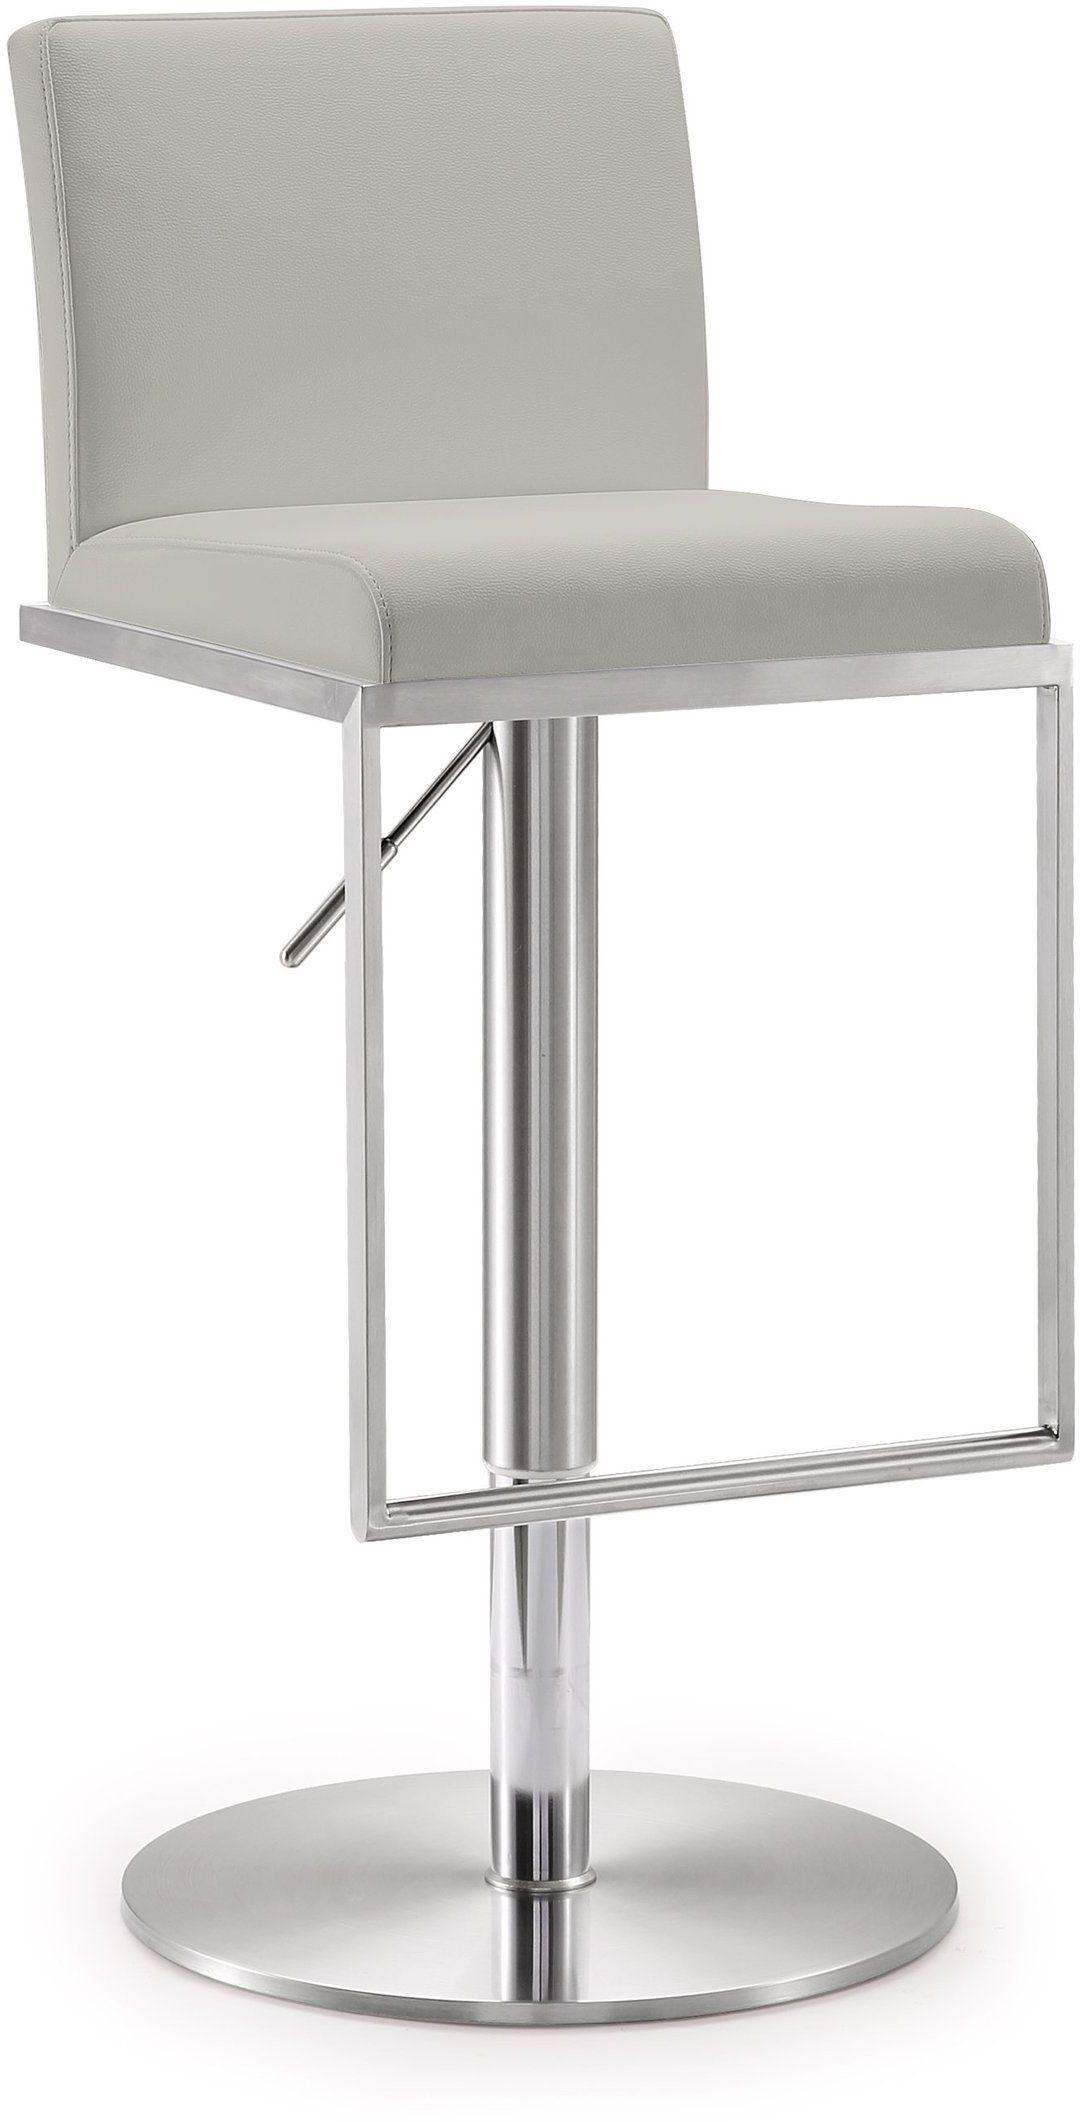 Amalfi Light Grey Steel Adjustable Bar Stool Adjustable Bar Stools Bar Stools Adjustable Stool